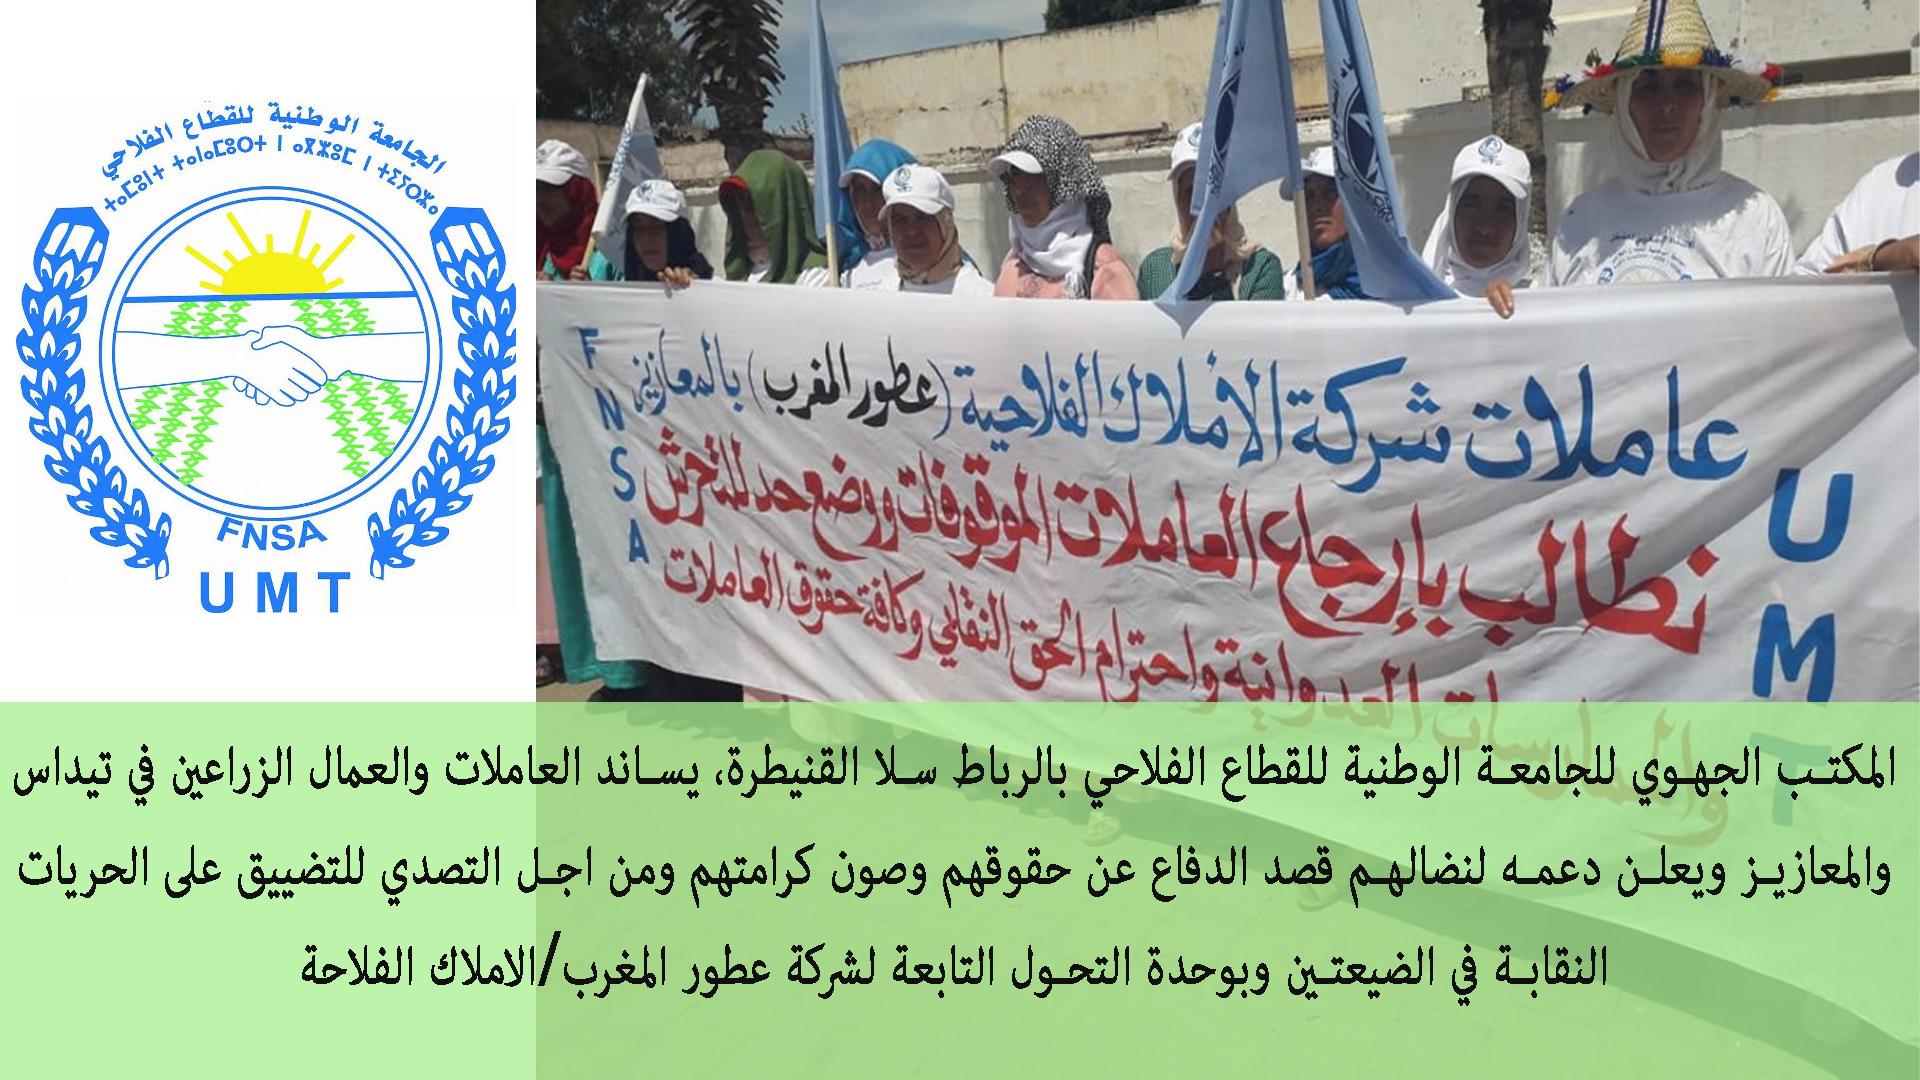 وقفة احتجاجية سابقة للعاملات الزراعية بمنطقة المعازيز